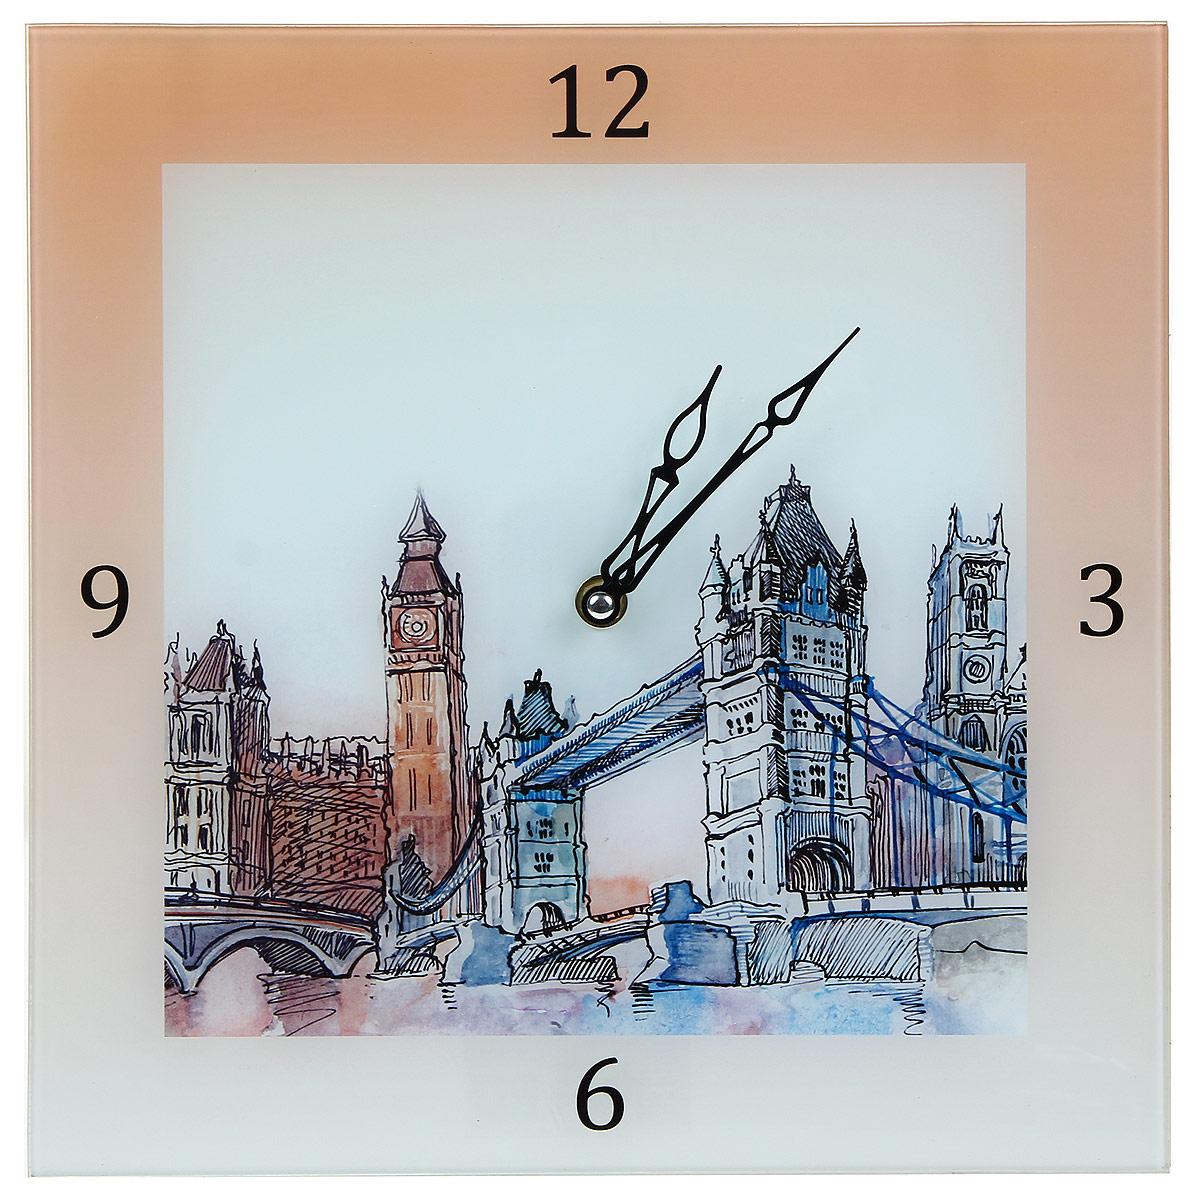 Часы настенные Лондон. 2780327803Настенные кварцевые часы квадратной формы Лондон выполнены из высококачественного стекла и оформлены изображением города. Часы имеют две фигурные стрелки - часовую, минутную. Циферблат не защищен стеклом. Своим эксклюзивным дизайном часы подчеркнут оригинальность интерьера вашего дома и помогут создать атмосферу домашнего уюта. Такие часы послужат отличным подарком для каждого. Рекомендуется докупить батарейку типа АА (в комплект не входит).